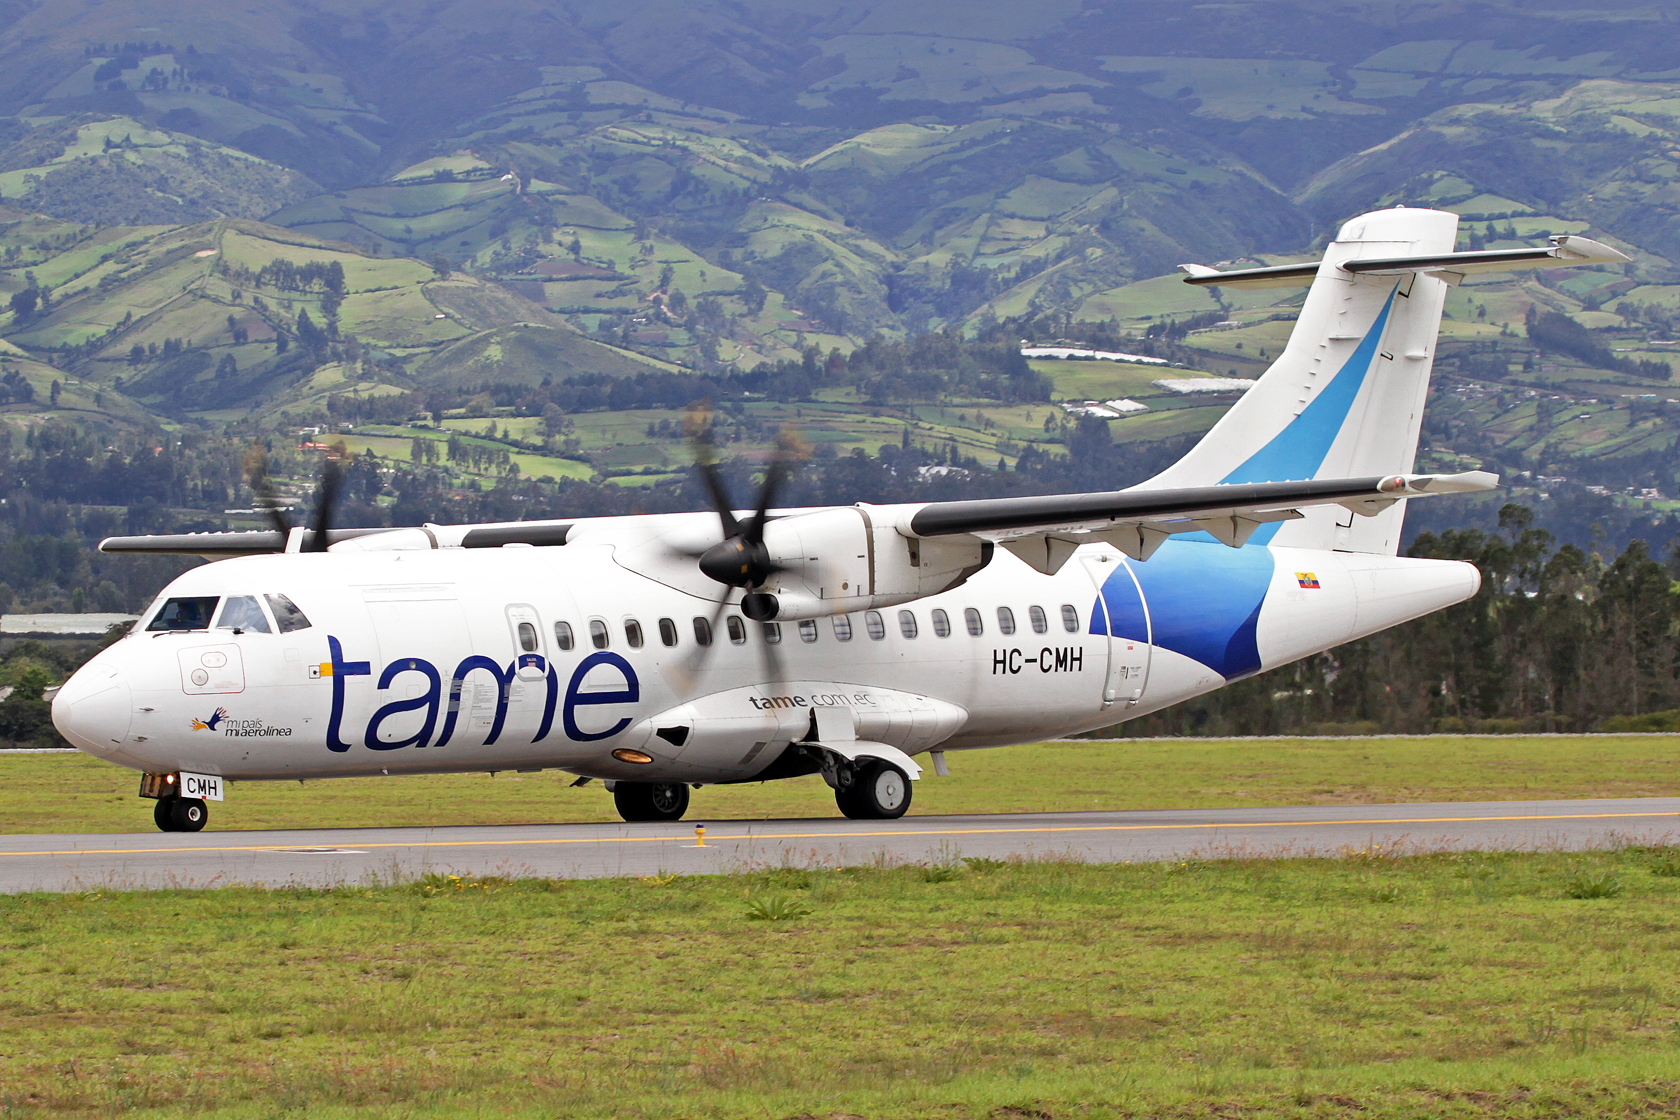 """TAME ATR 42-500 HC-CMH - TAME steht für """"Transportes Aéreos Militares Ecuatorianos"""" und wurde 1970 gegründet. Inzwischen ist die TAME zwar eine Aktiengesellschaft, der Staat hat jedoch immer noch die Kontrolle über die Gesellschaft. Auch die Führungsposit"""